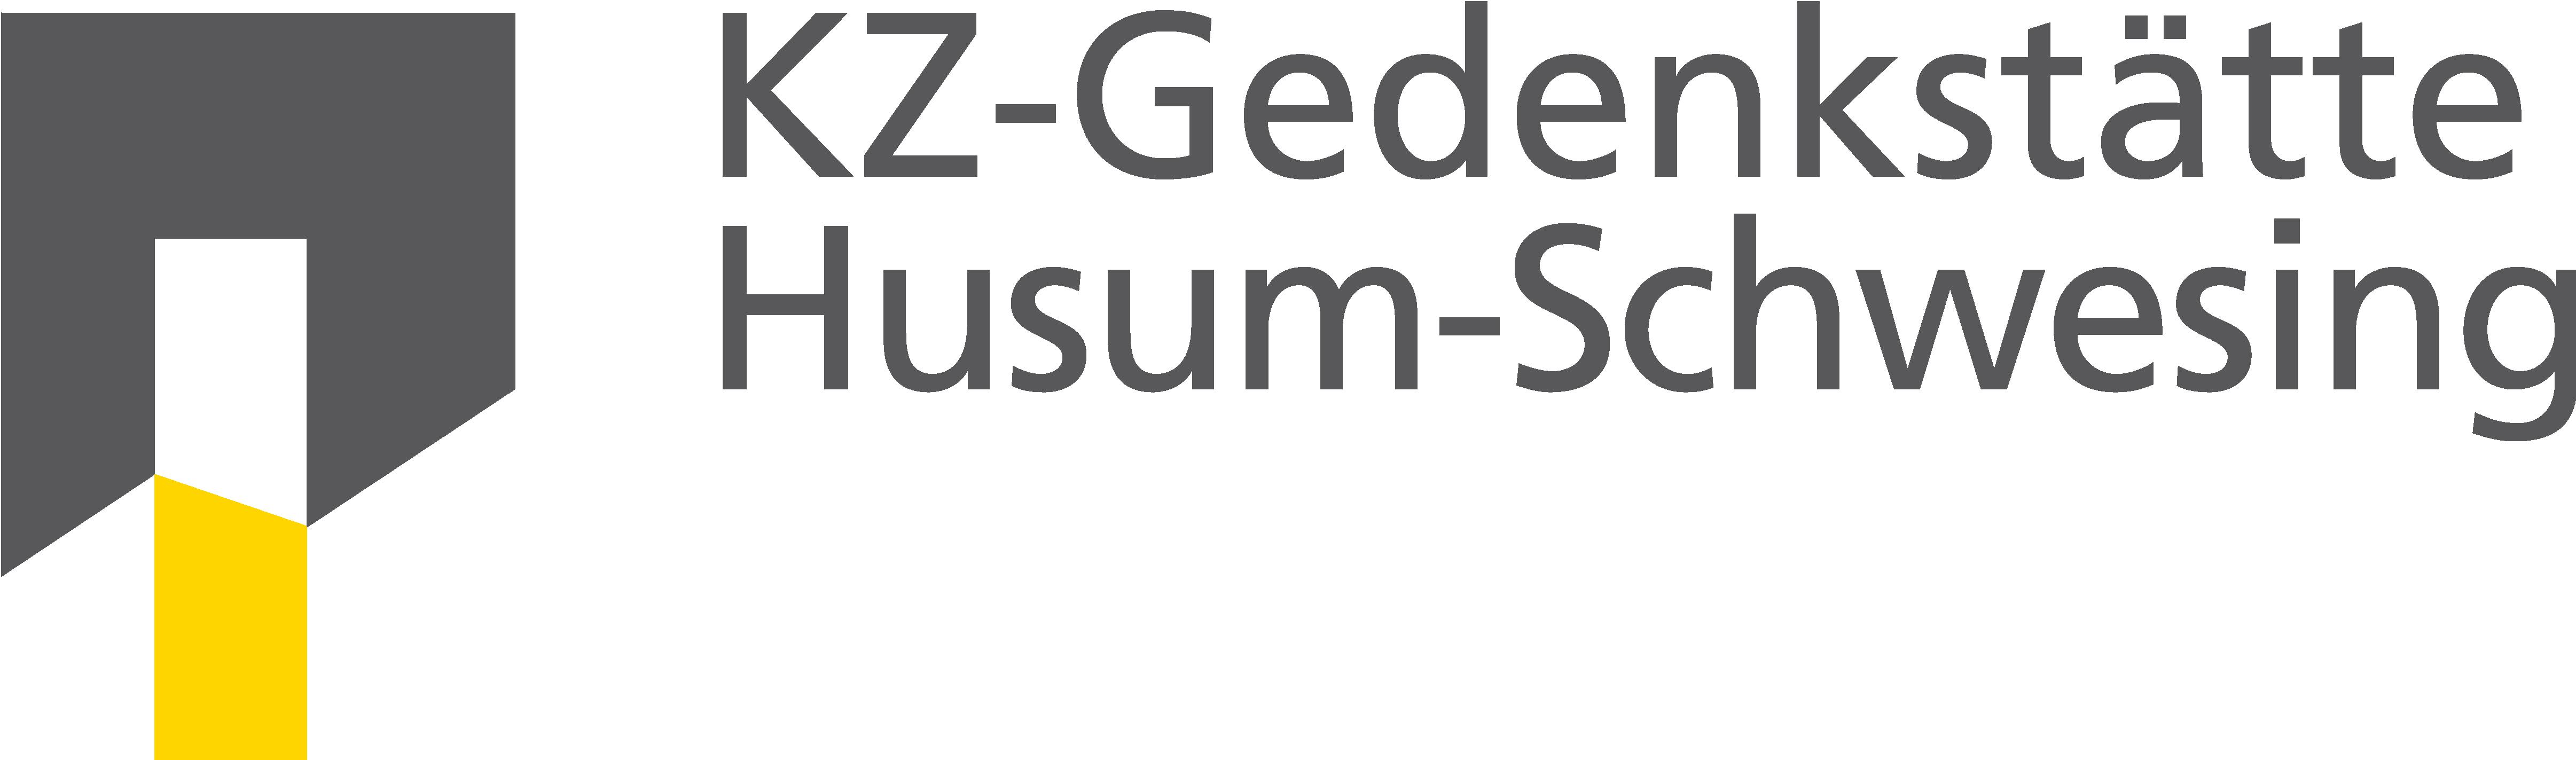 kz-gedenkstaette-husum-schwesing.de